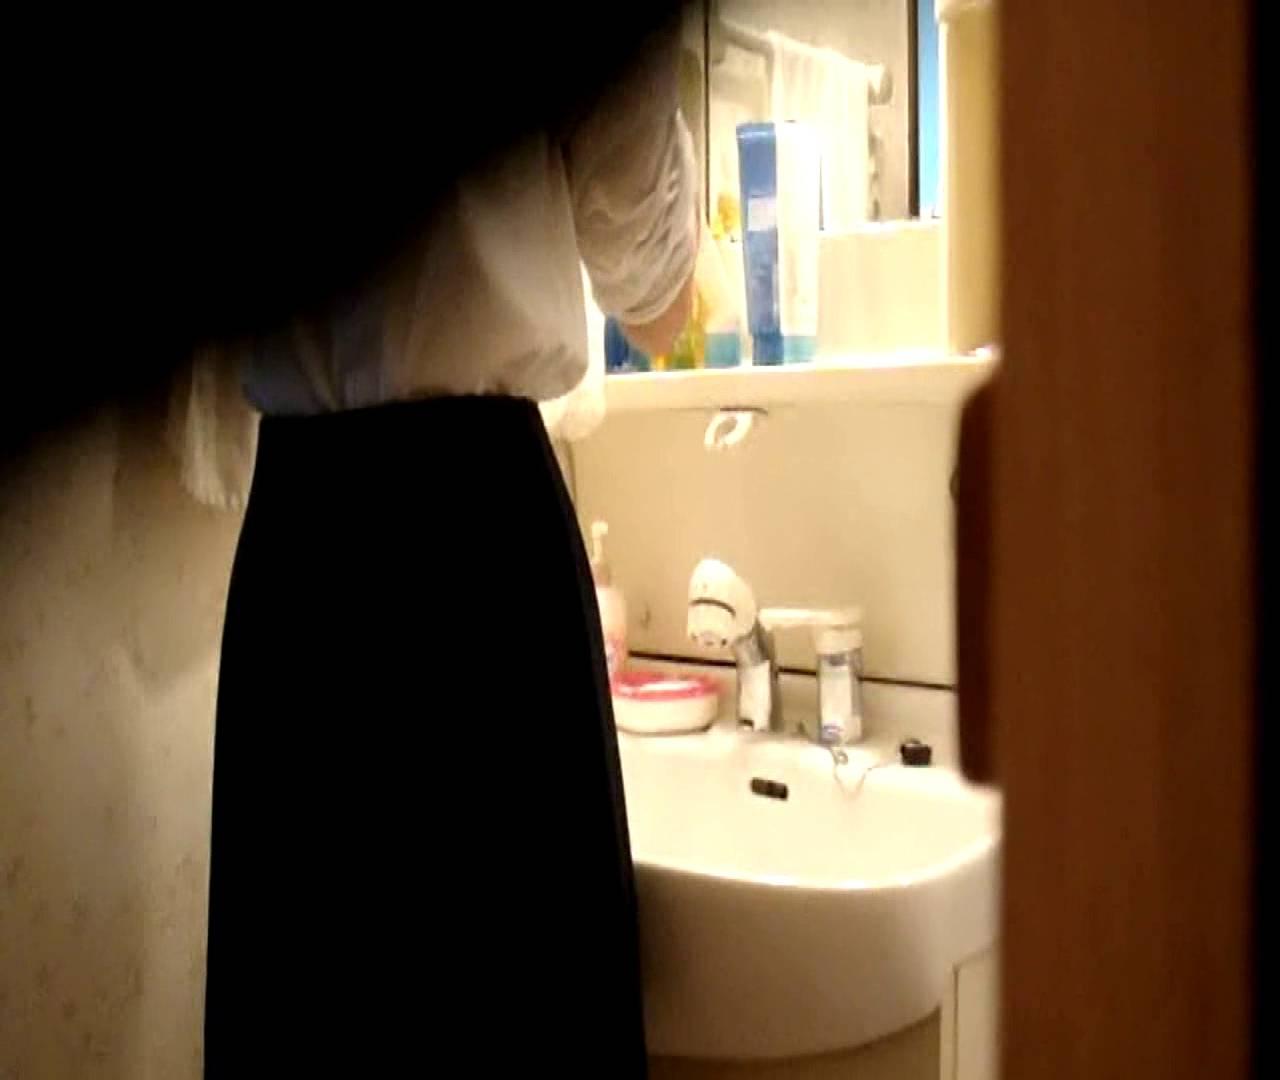 二人とも育てた甲斐がありました… vol.05 まどかが洗顔後にブラを洗濯 HなOL | 0  98pic 59